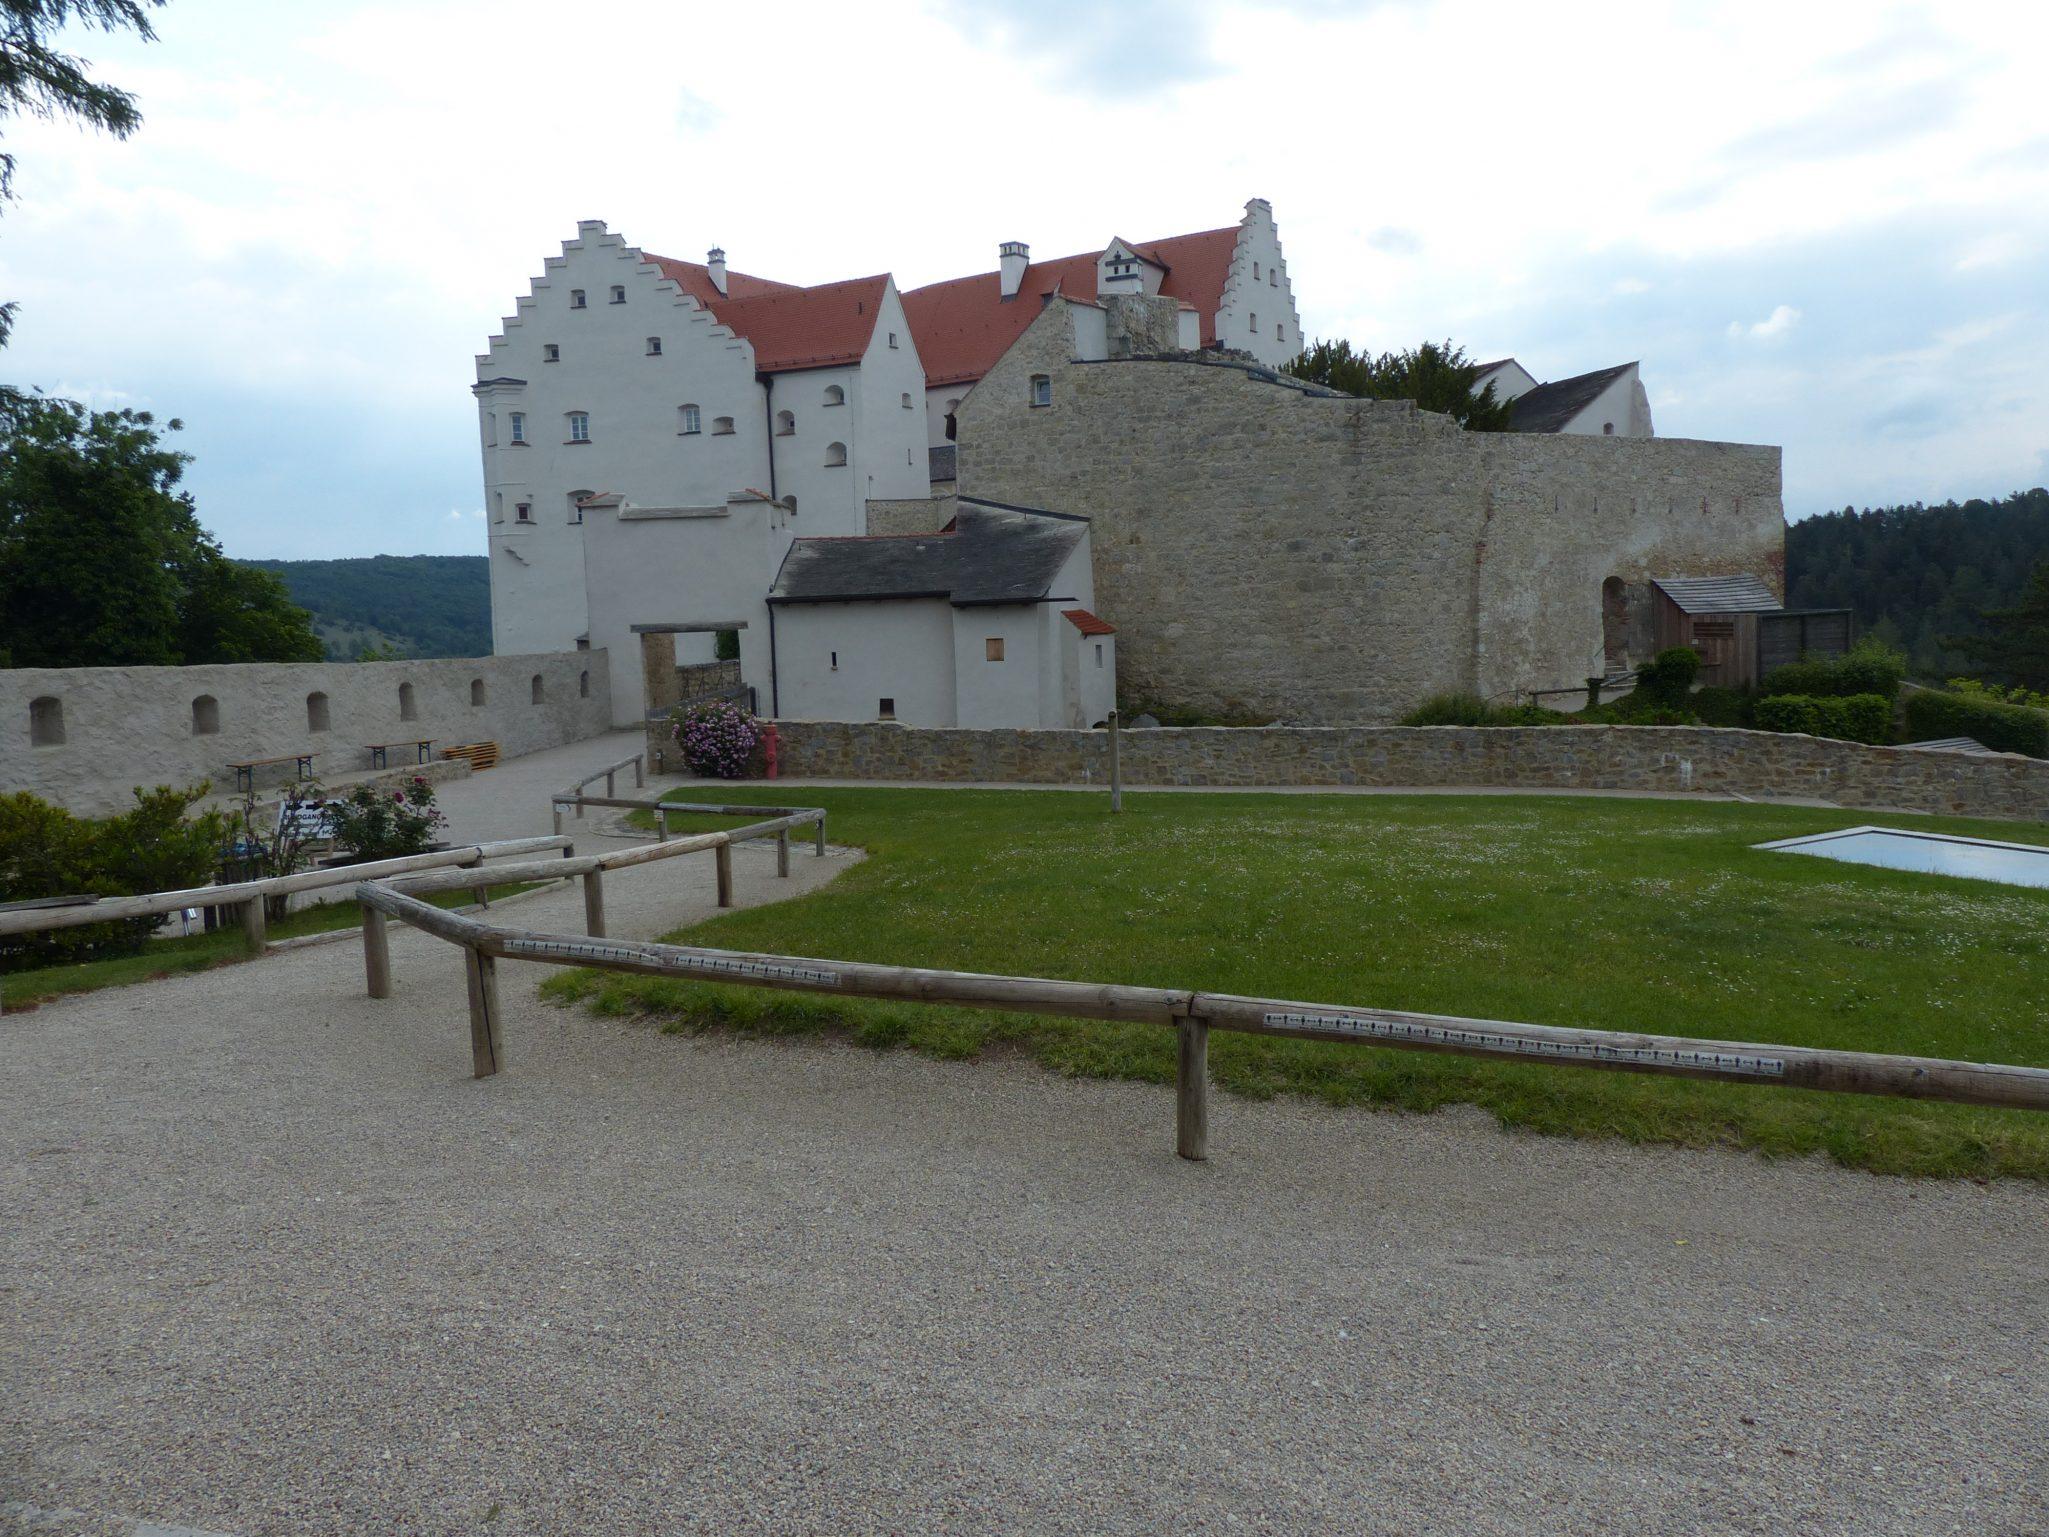 Falknerei Rosenburg